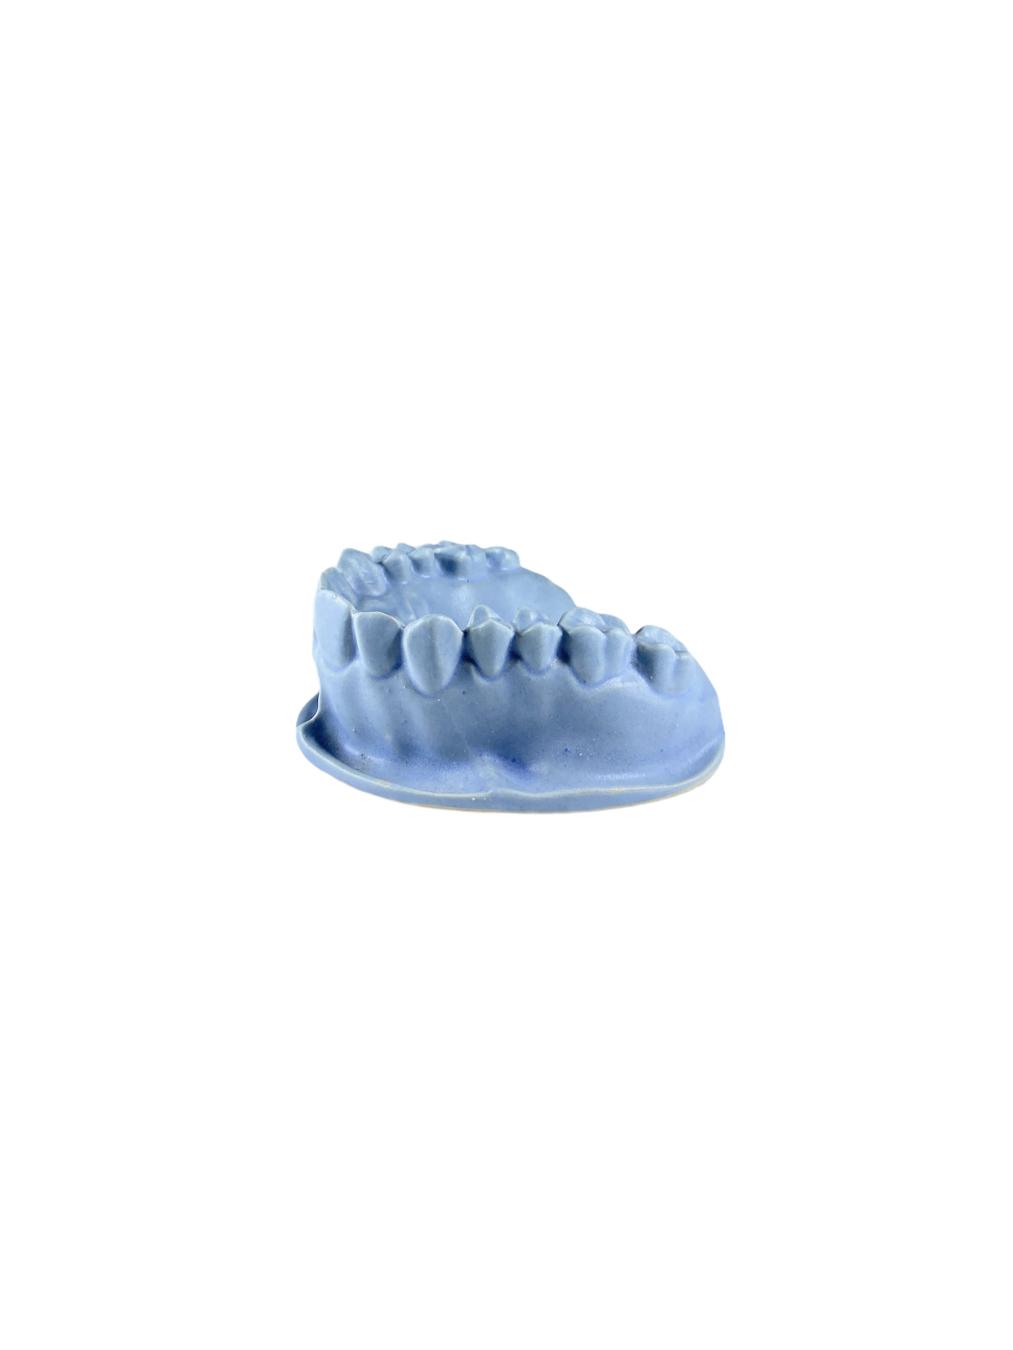 Teeth (Ceramic)